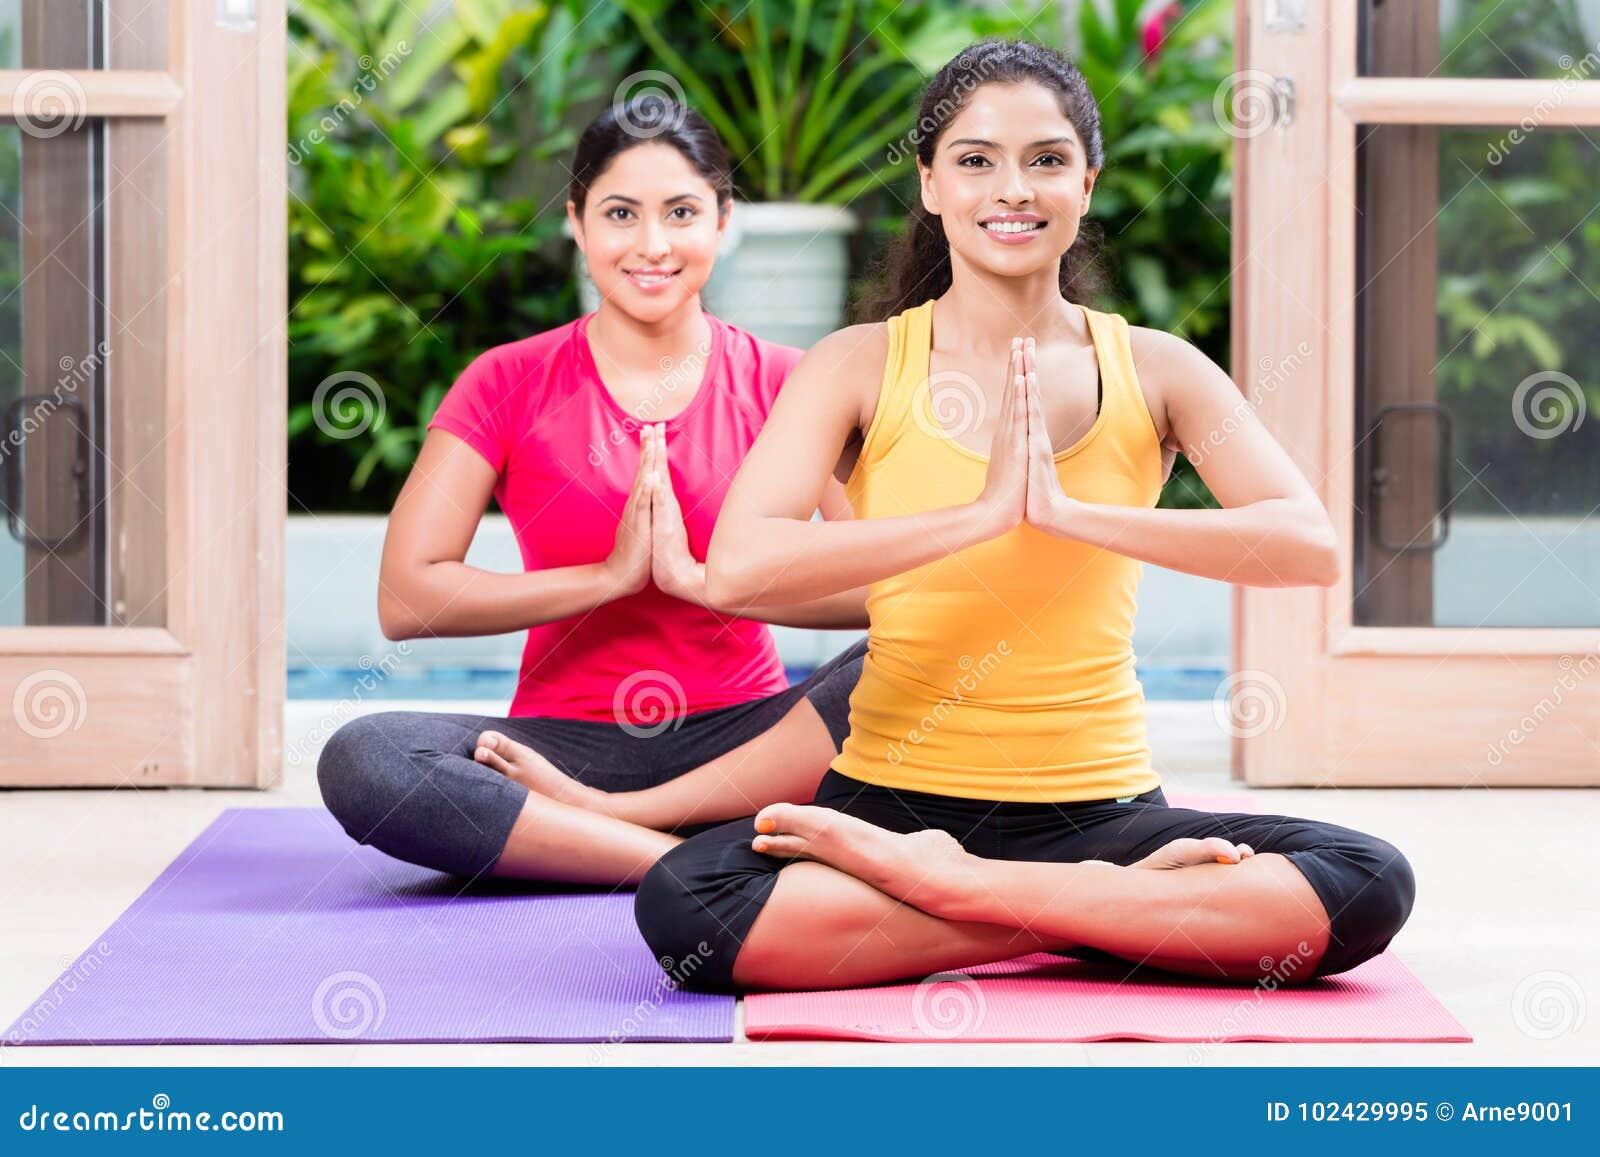 Citaten Uit Twee Vrouwen : Twee vrouwen in lotusbloem plaatsen tijdens yogapraktijk